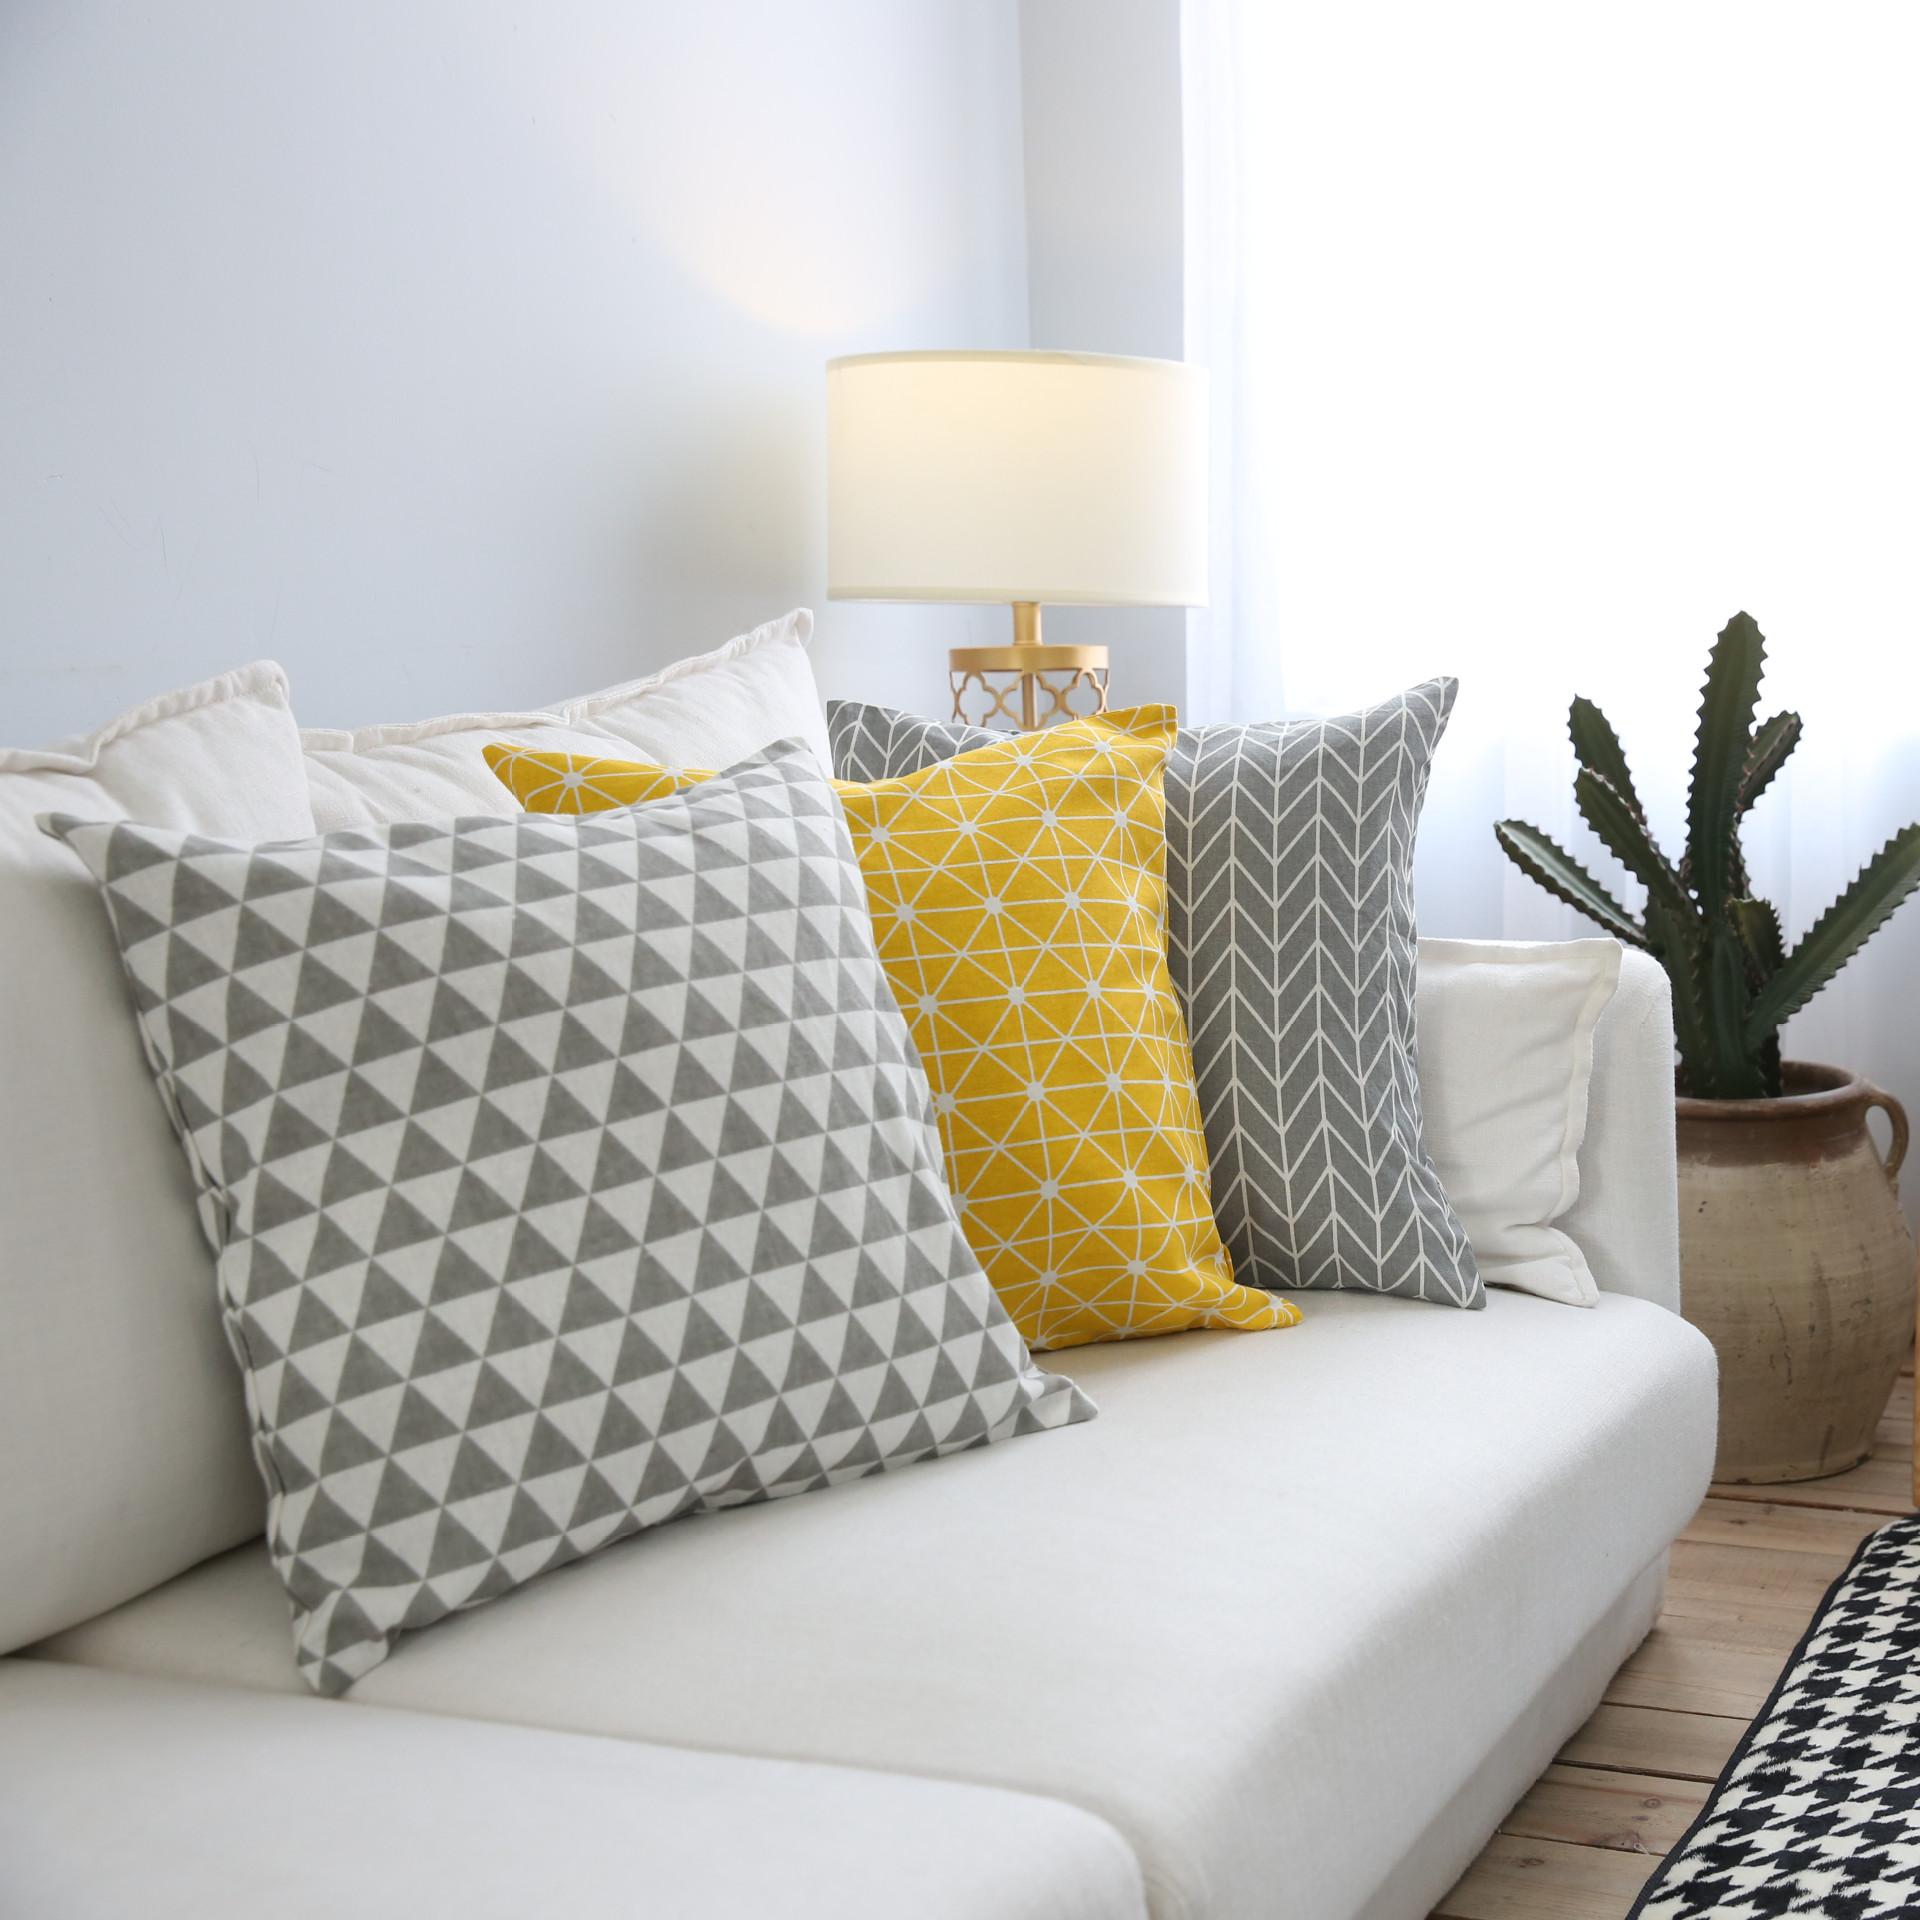 Чехол для подушки простой геометрический чехол диванной в клетку